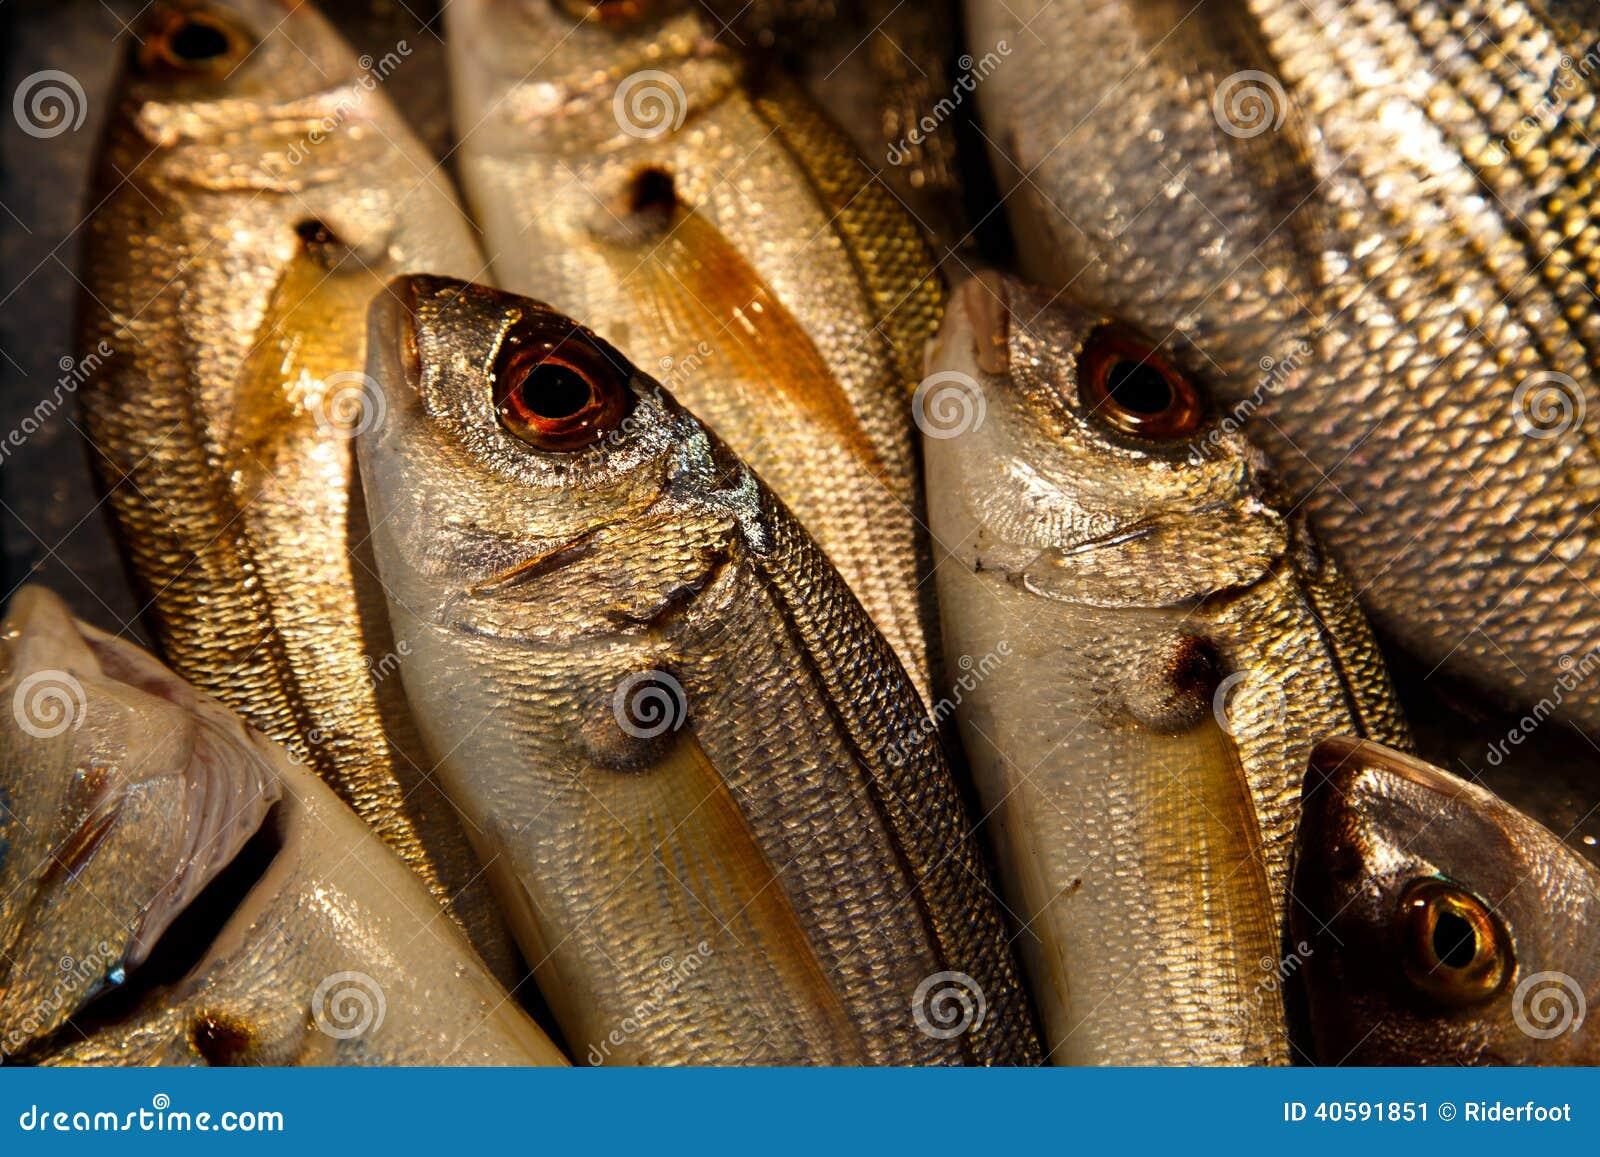 Рыбы, который нужно продать